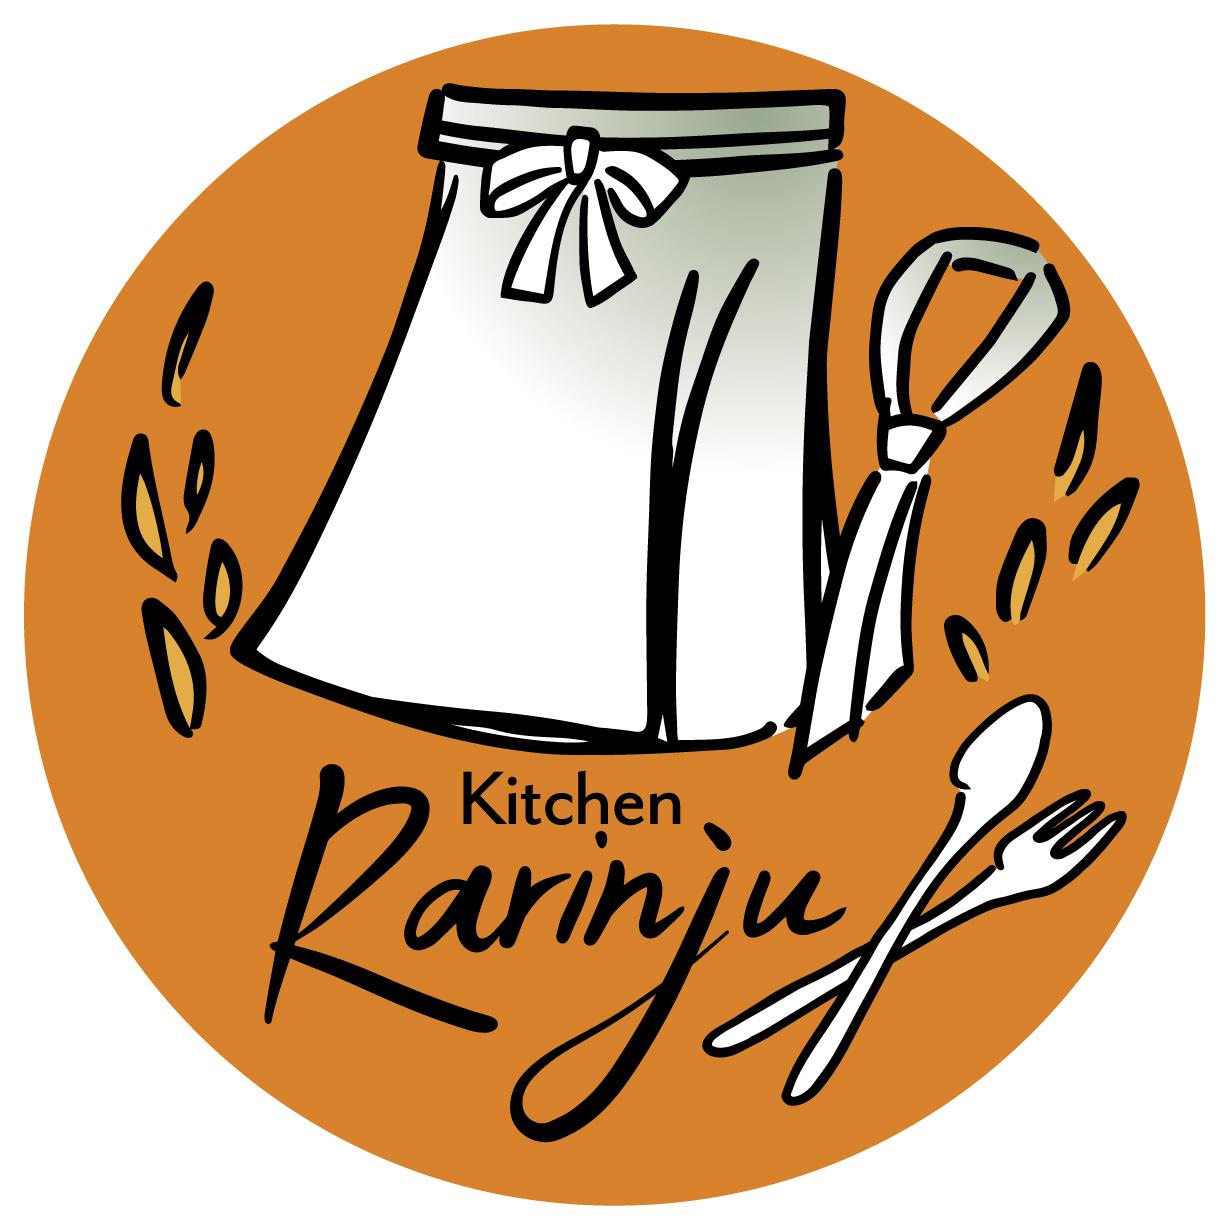 飲食業と親しみ/優しいとオレンジのロゴ